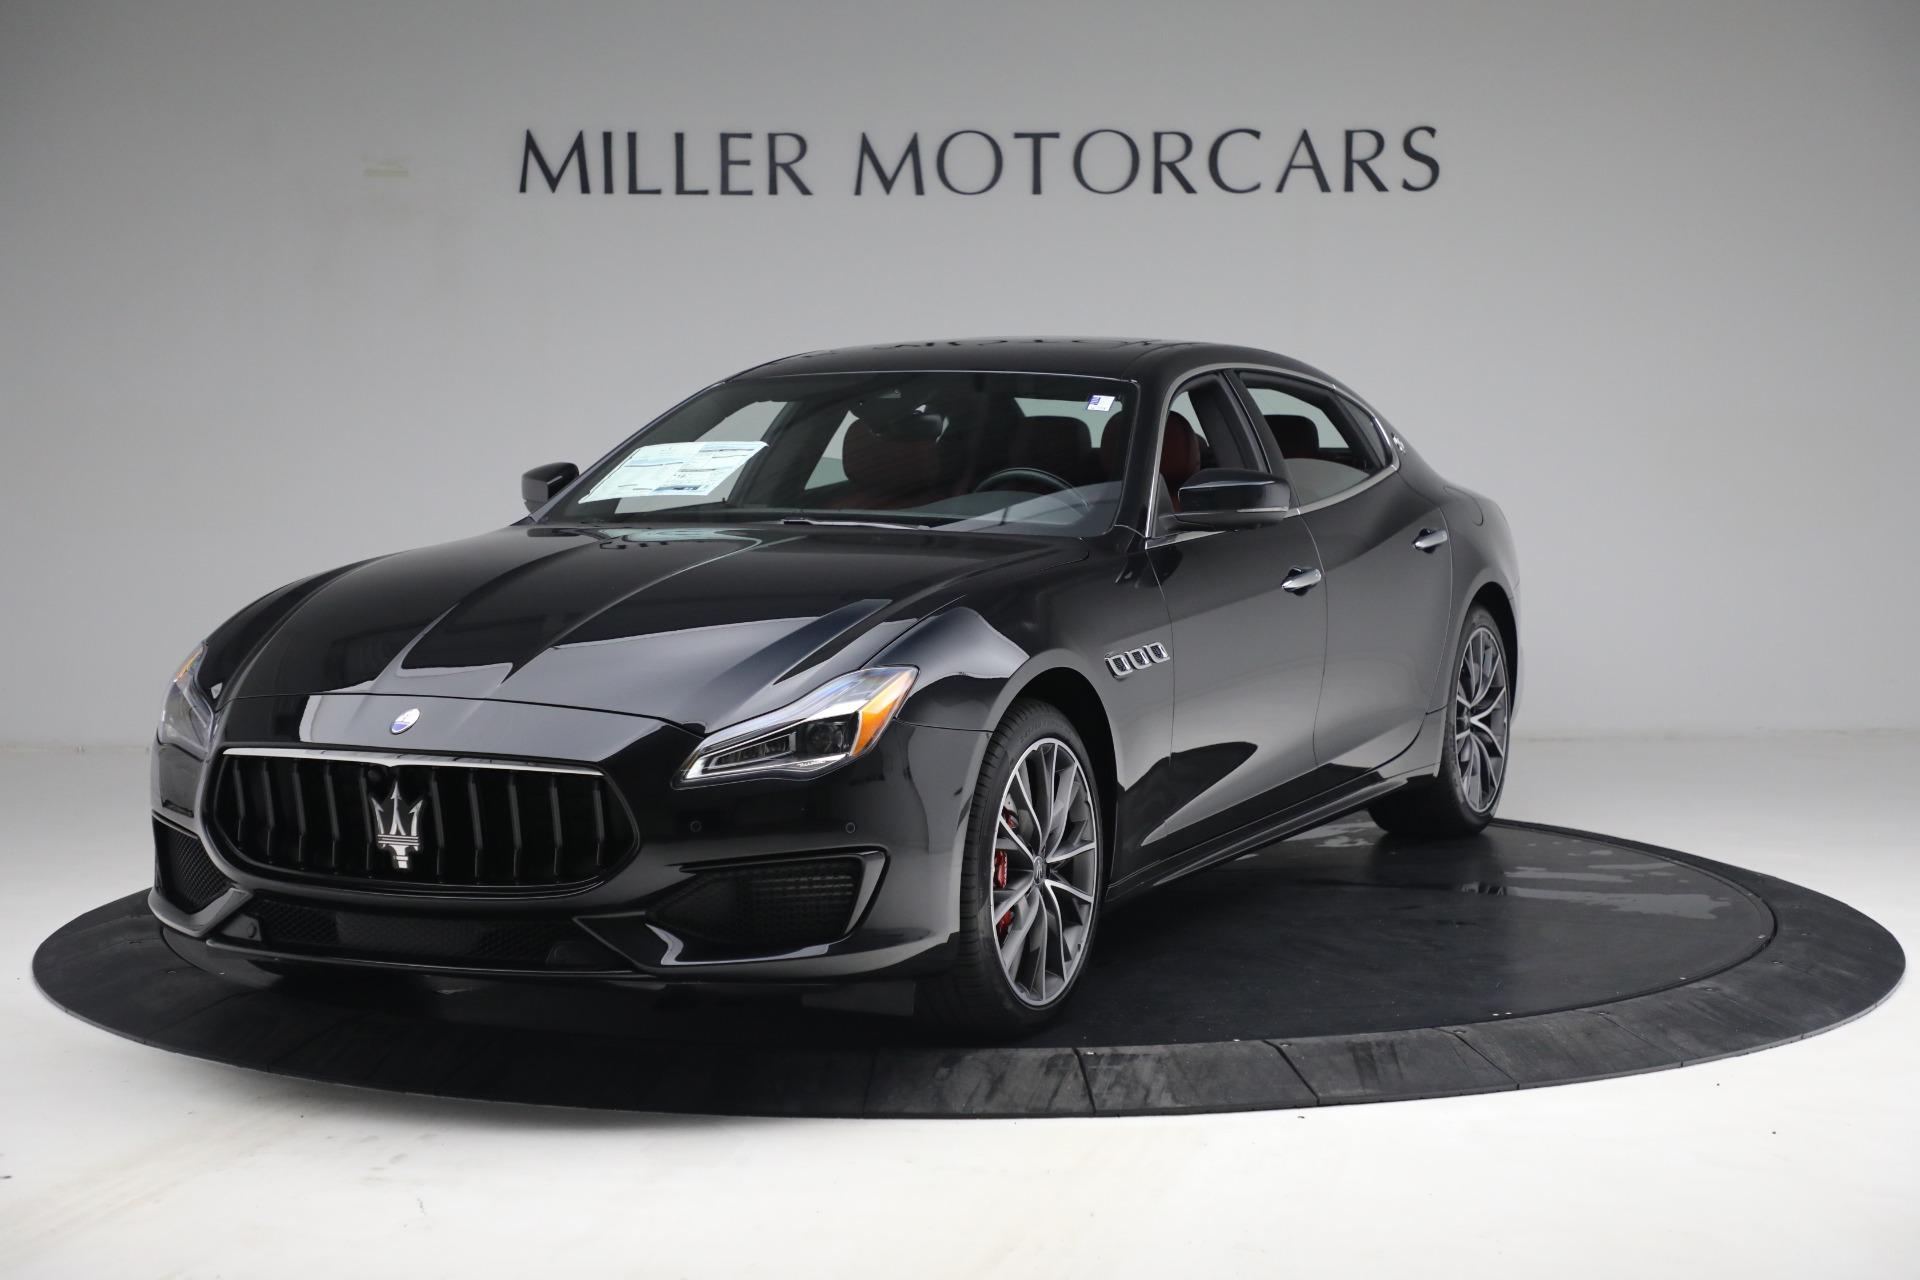 New 2021 Maserati Quattroporte S Q4 for sale $119,589 at Pagani of Greenwich in Greenwich CT 06830 1